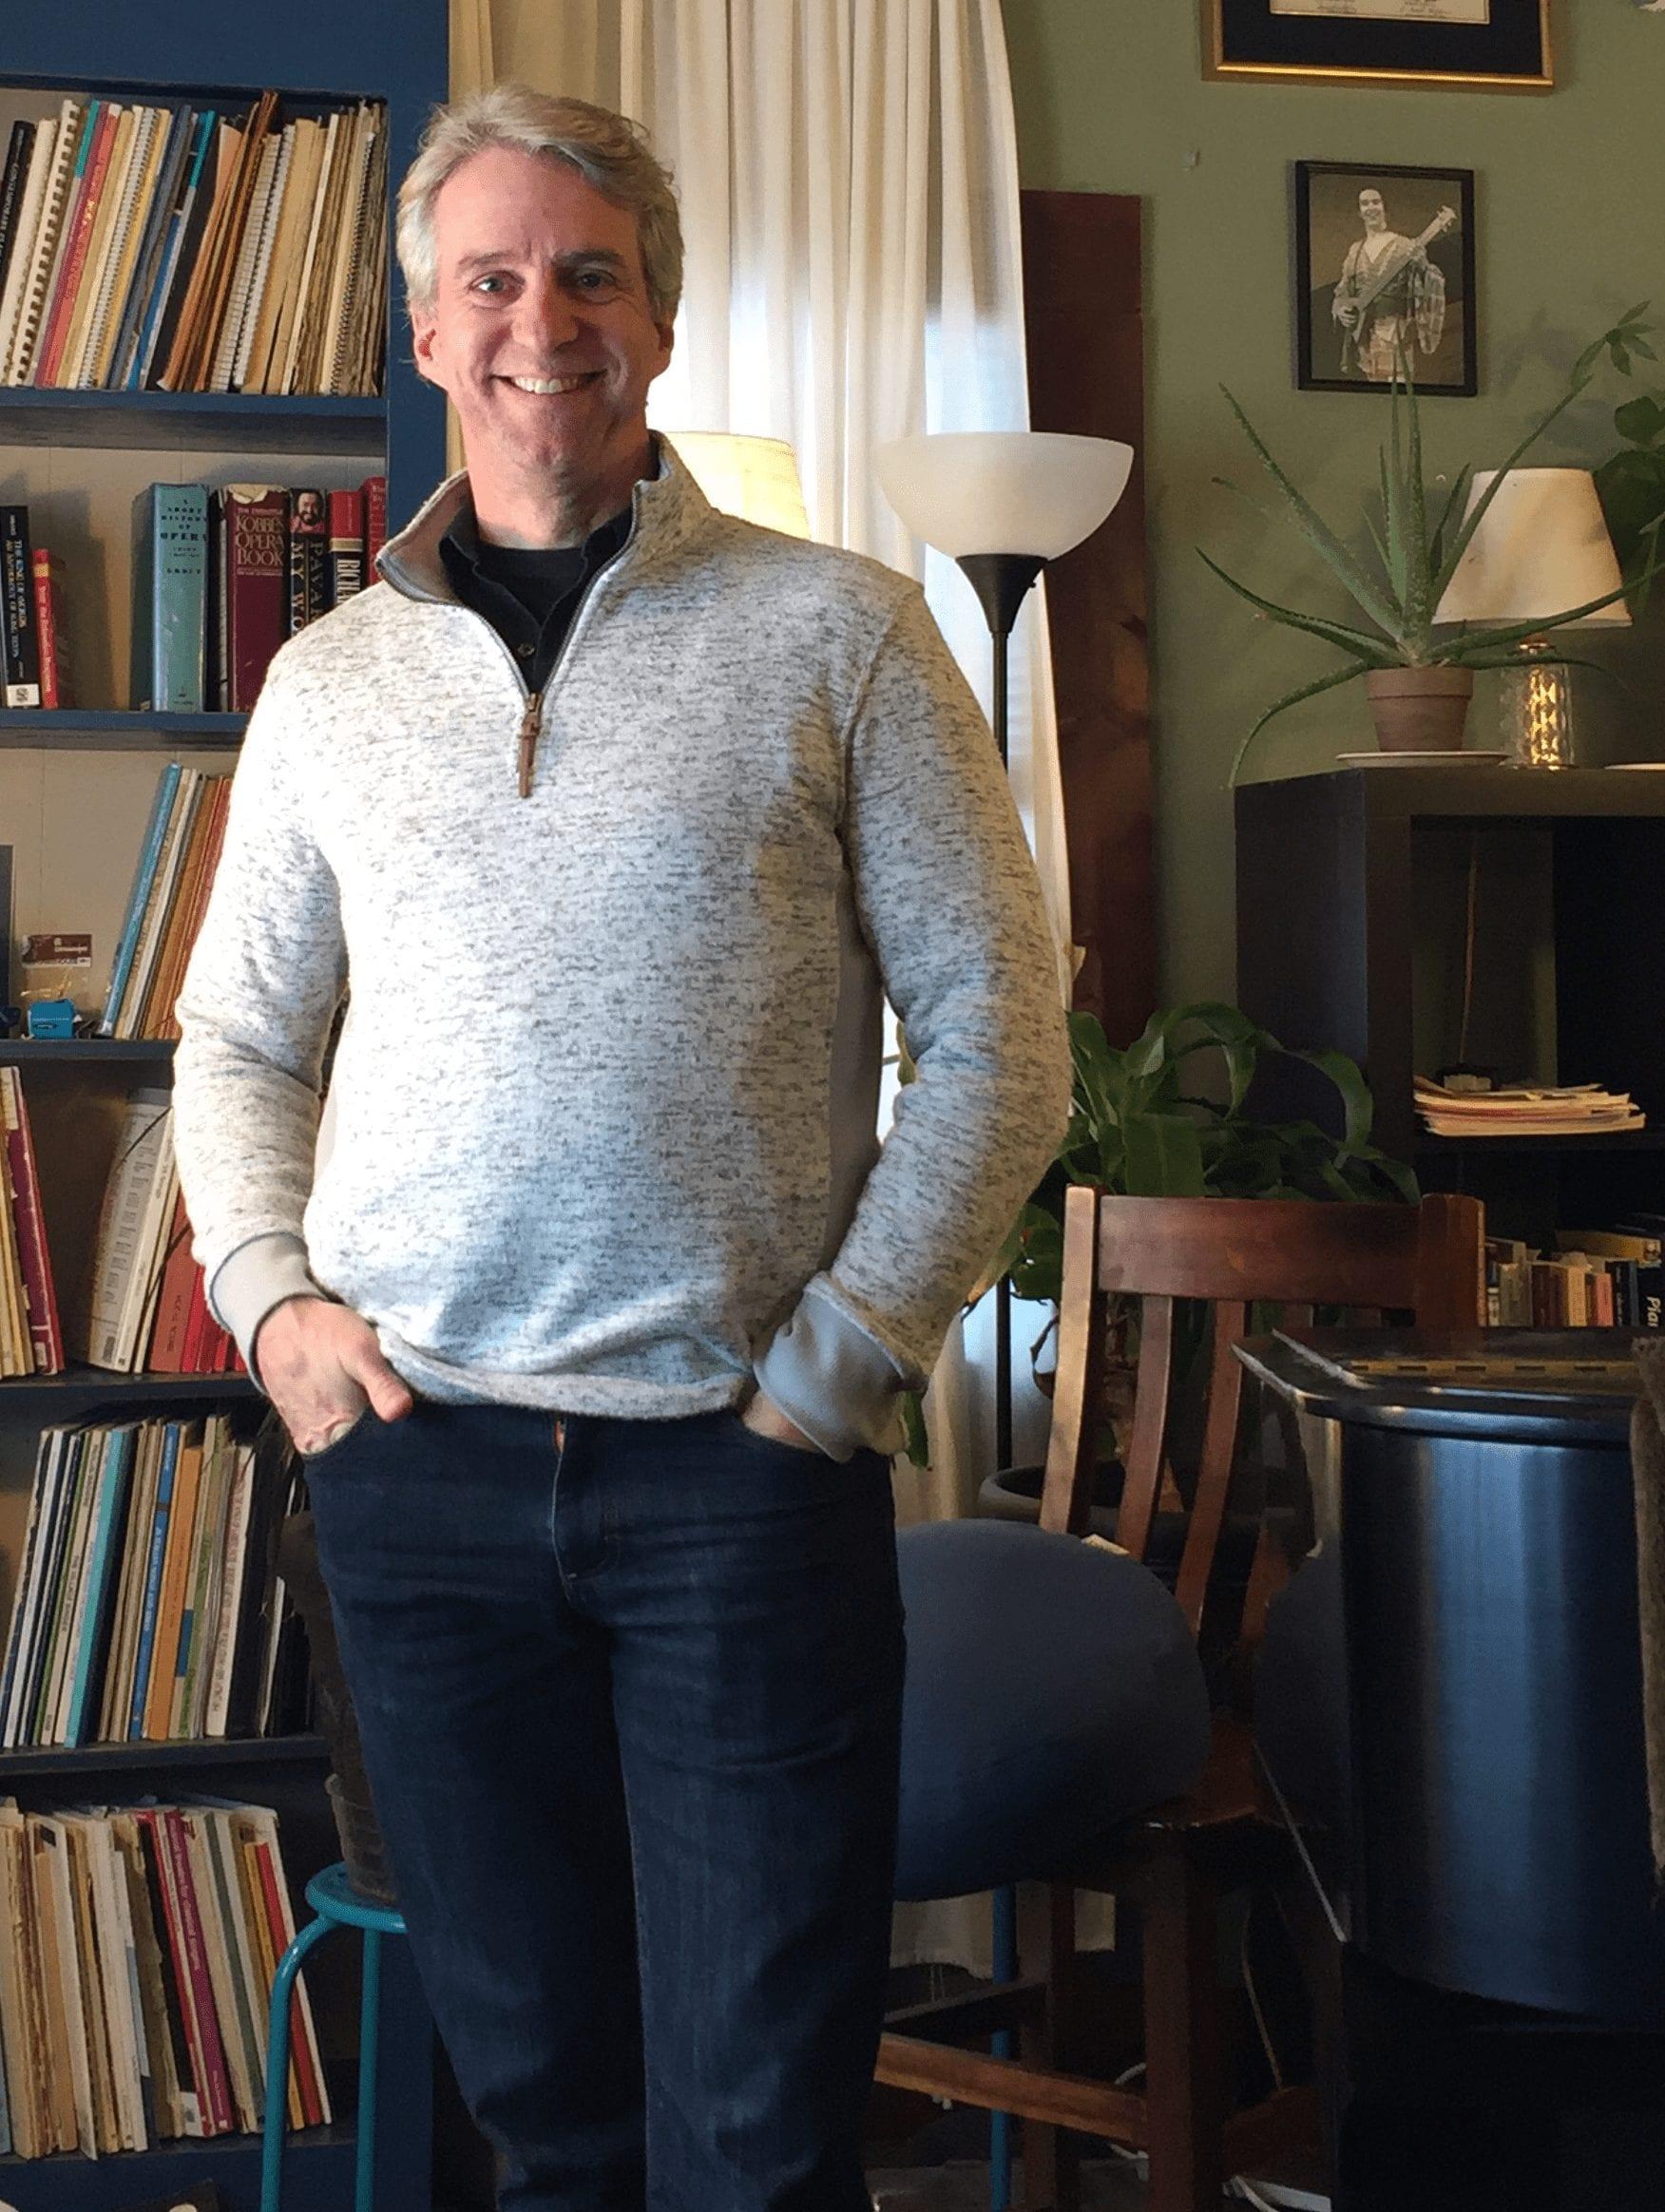 Jeffrey D. Ballard